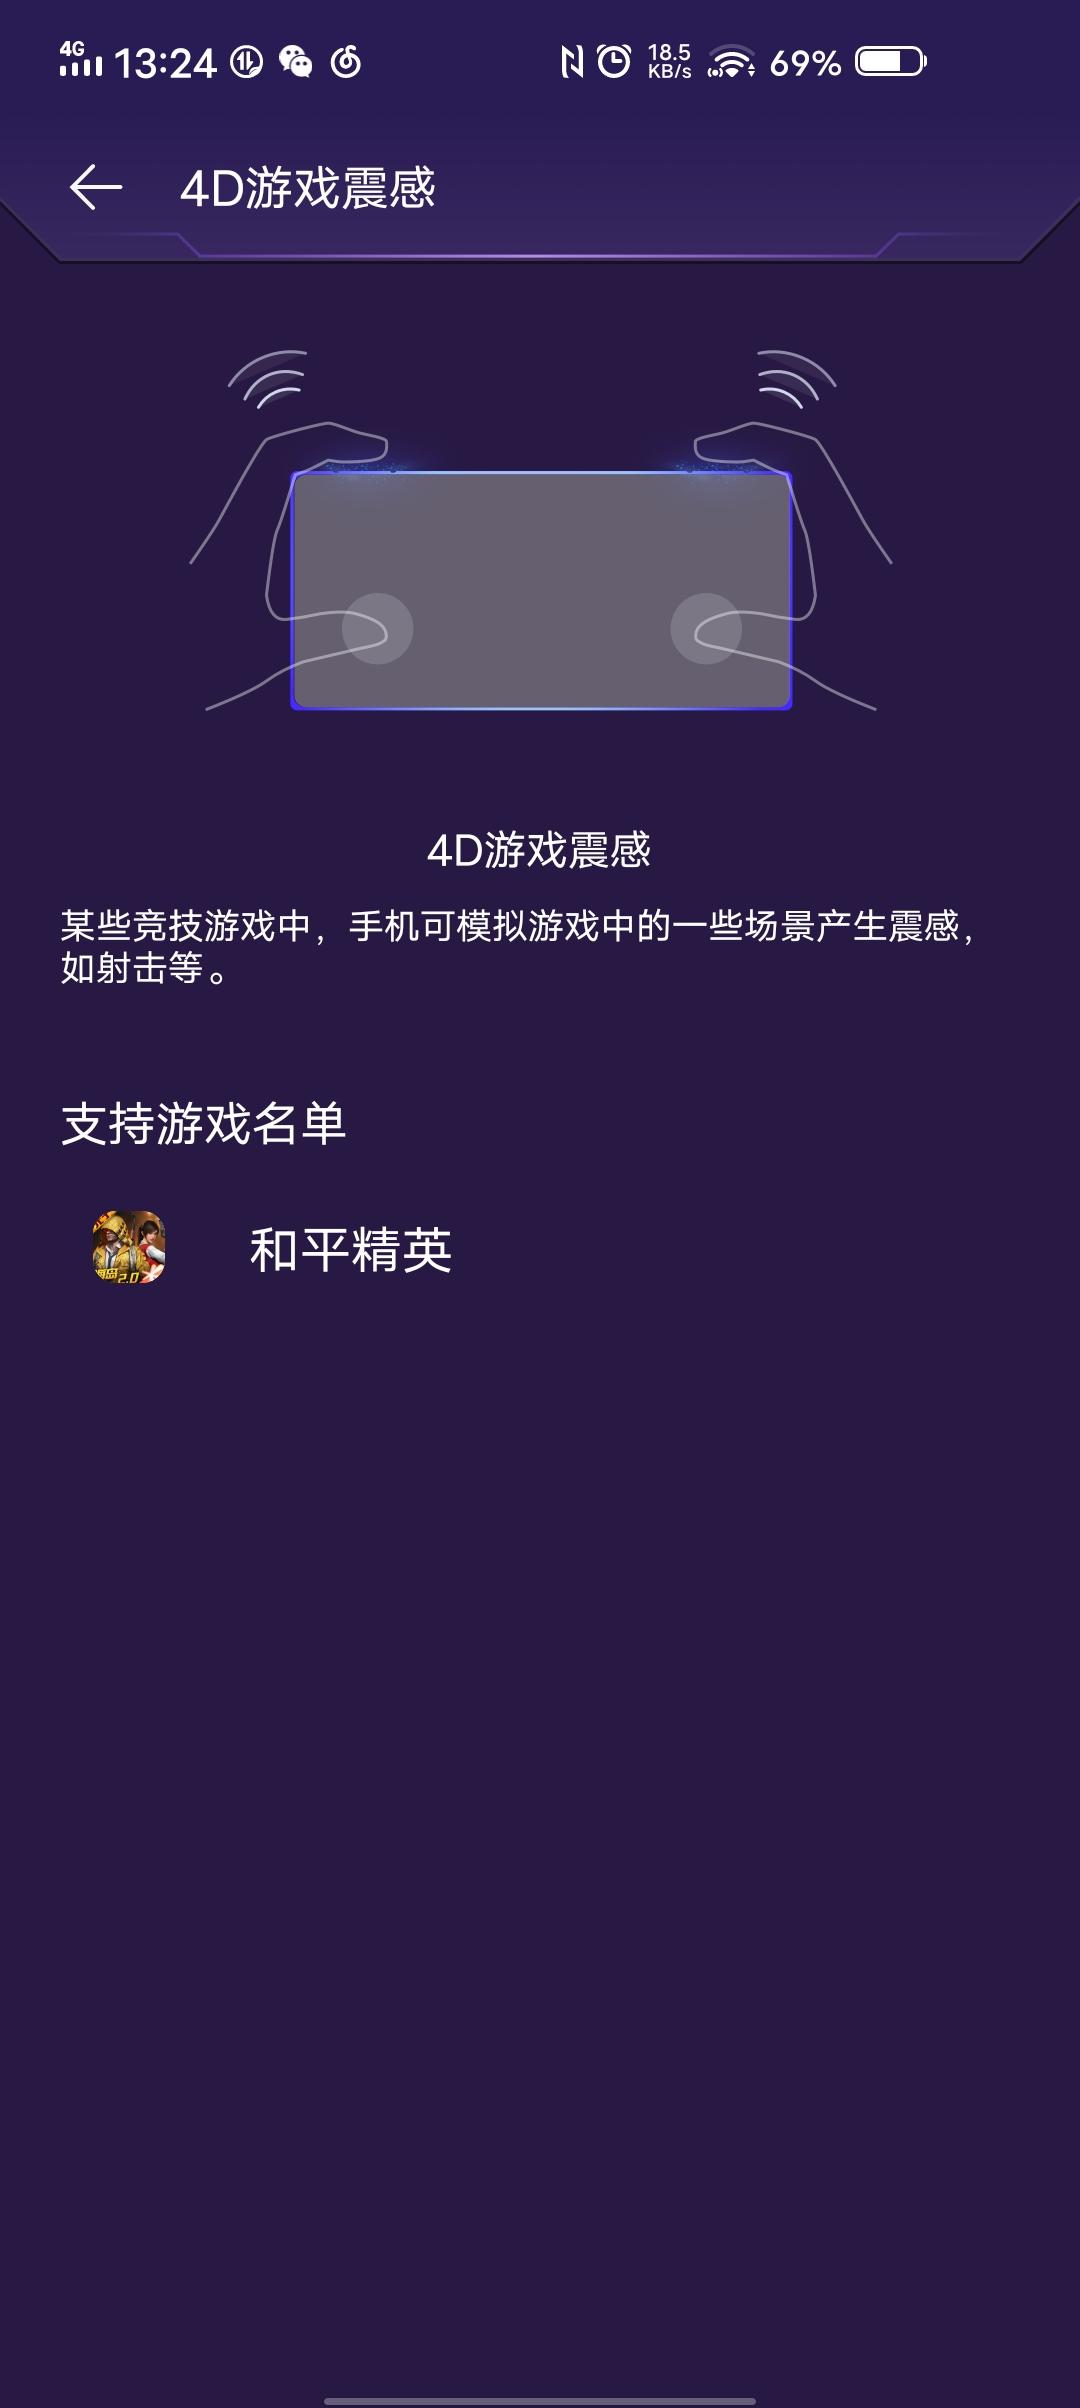 Screenshot_20200705_132455.jpg